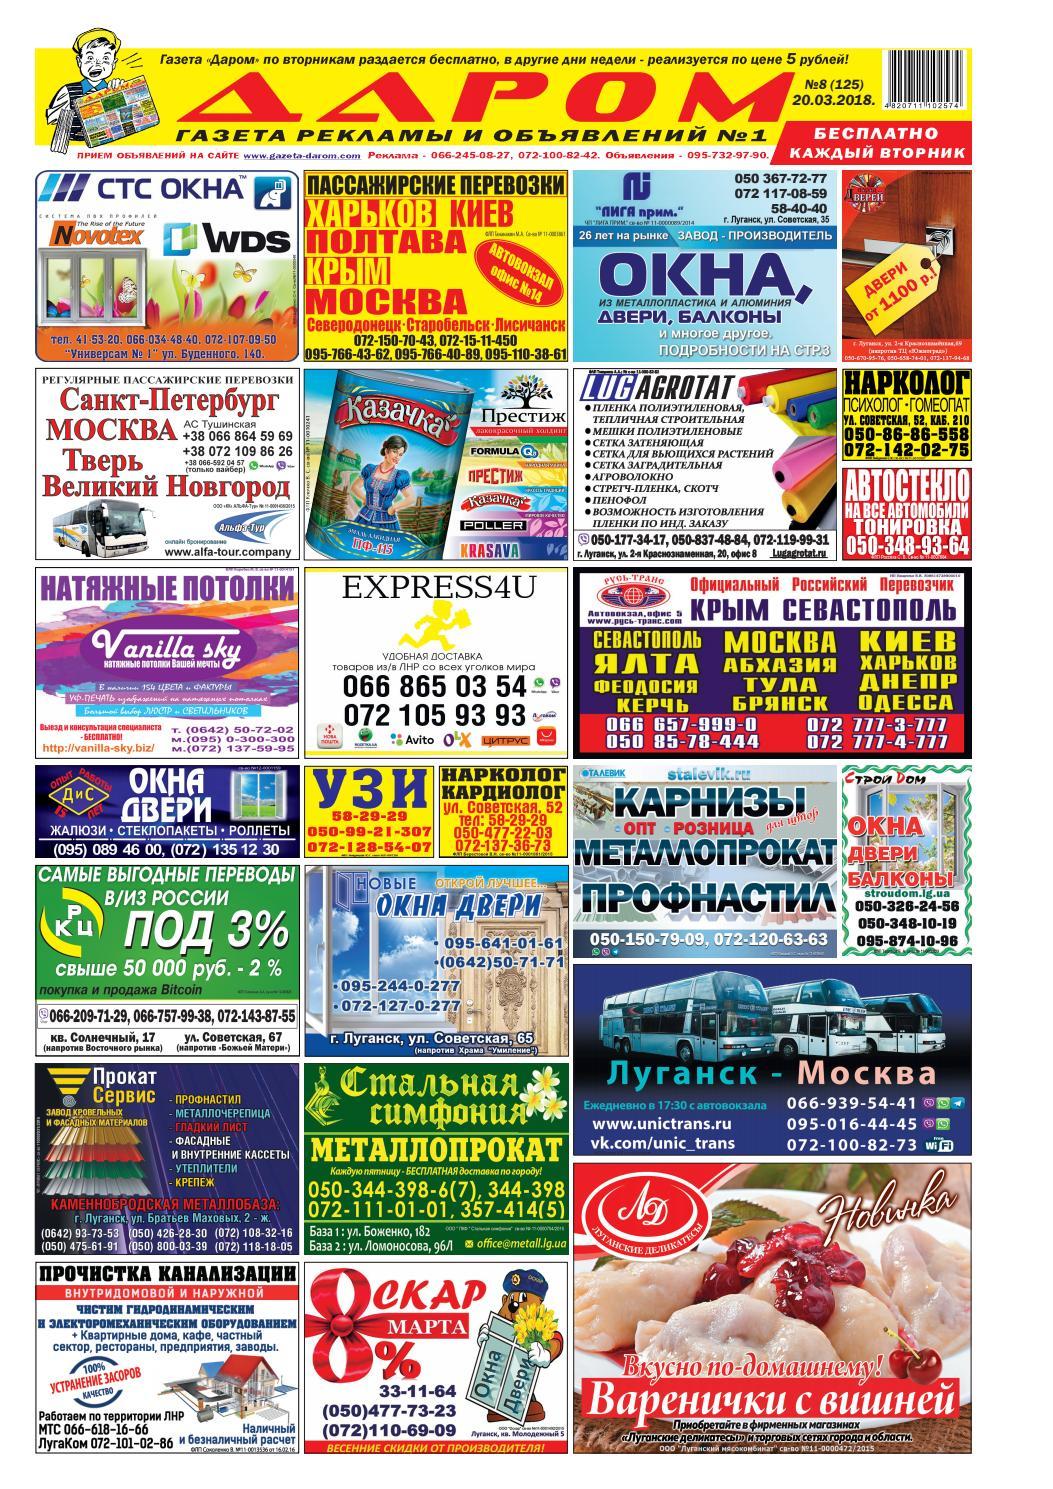 b477abd96ce Свежий выпуск газеты ДАРОМ № 8 (125) от 20.03.2018 by gazeta.darom - issuu